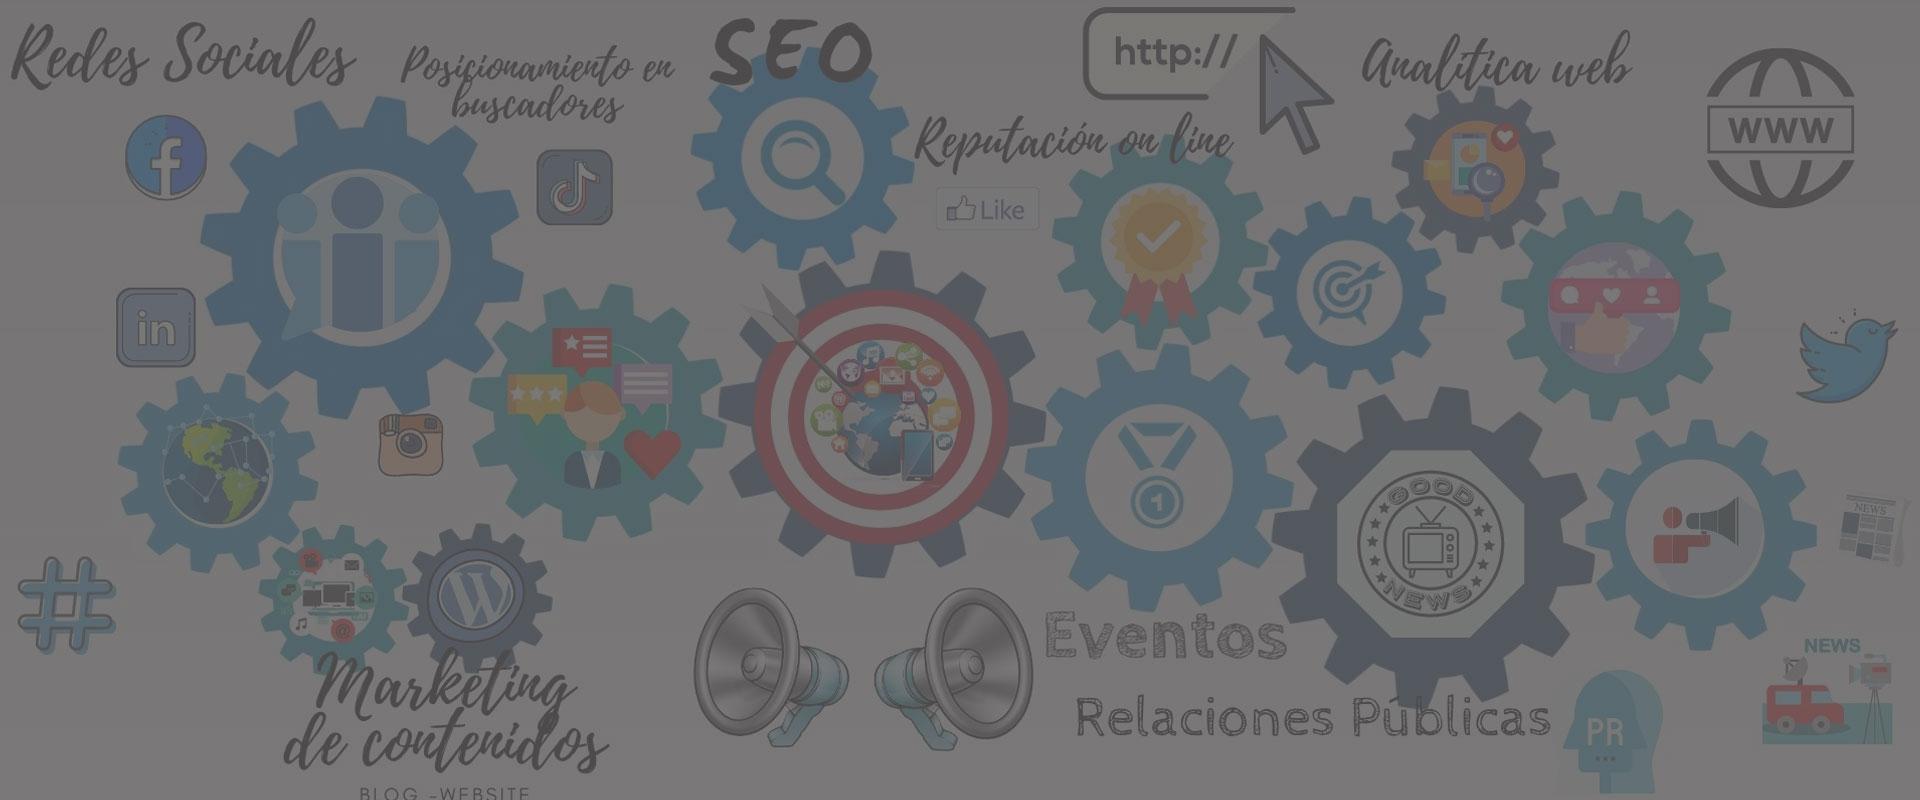 Somos especialistas en Relaciones Públicas, Marketing de contenidos y gestión de redes sociales